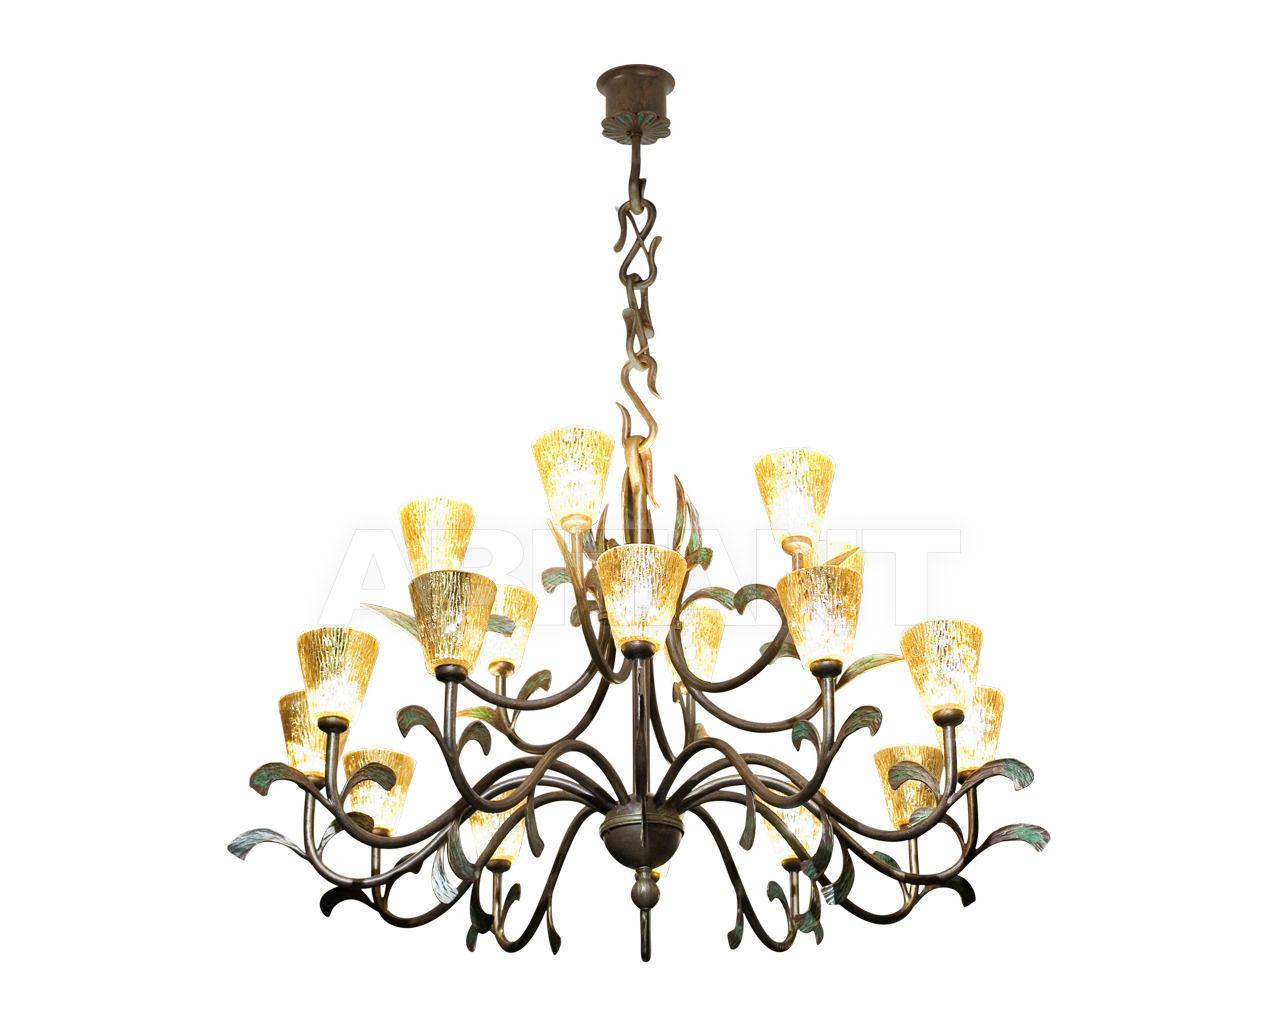 Купить Люстра FMB Leuchten Schmiedeeisen Lampen Und Leuchten 94454